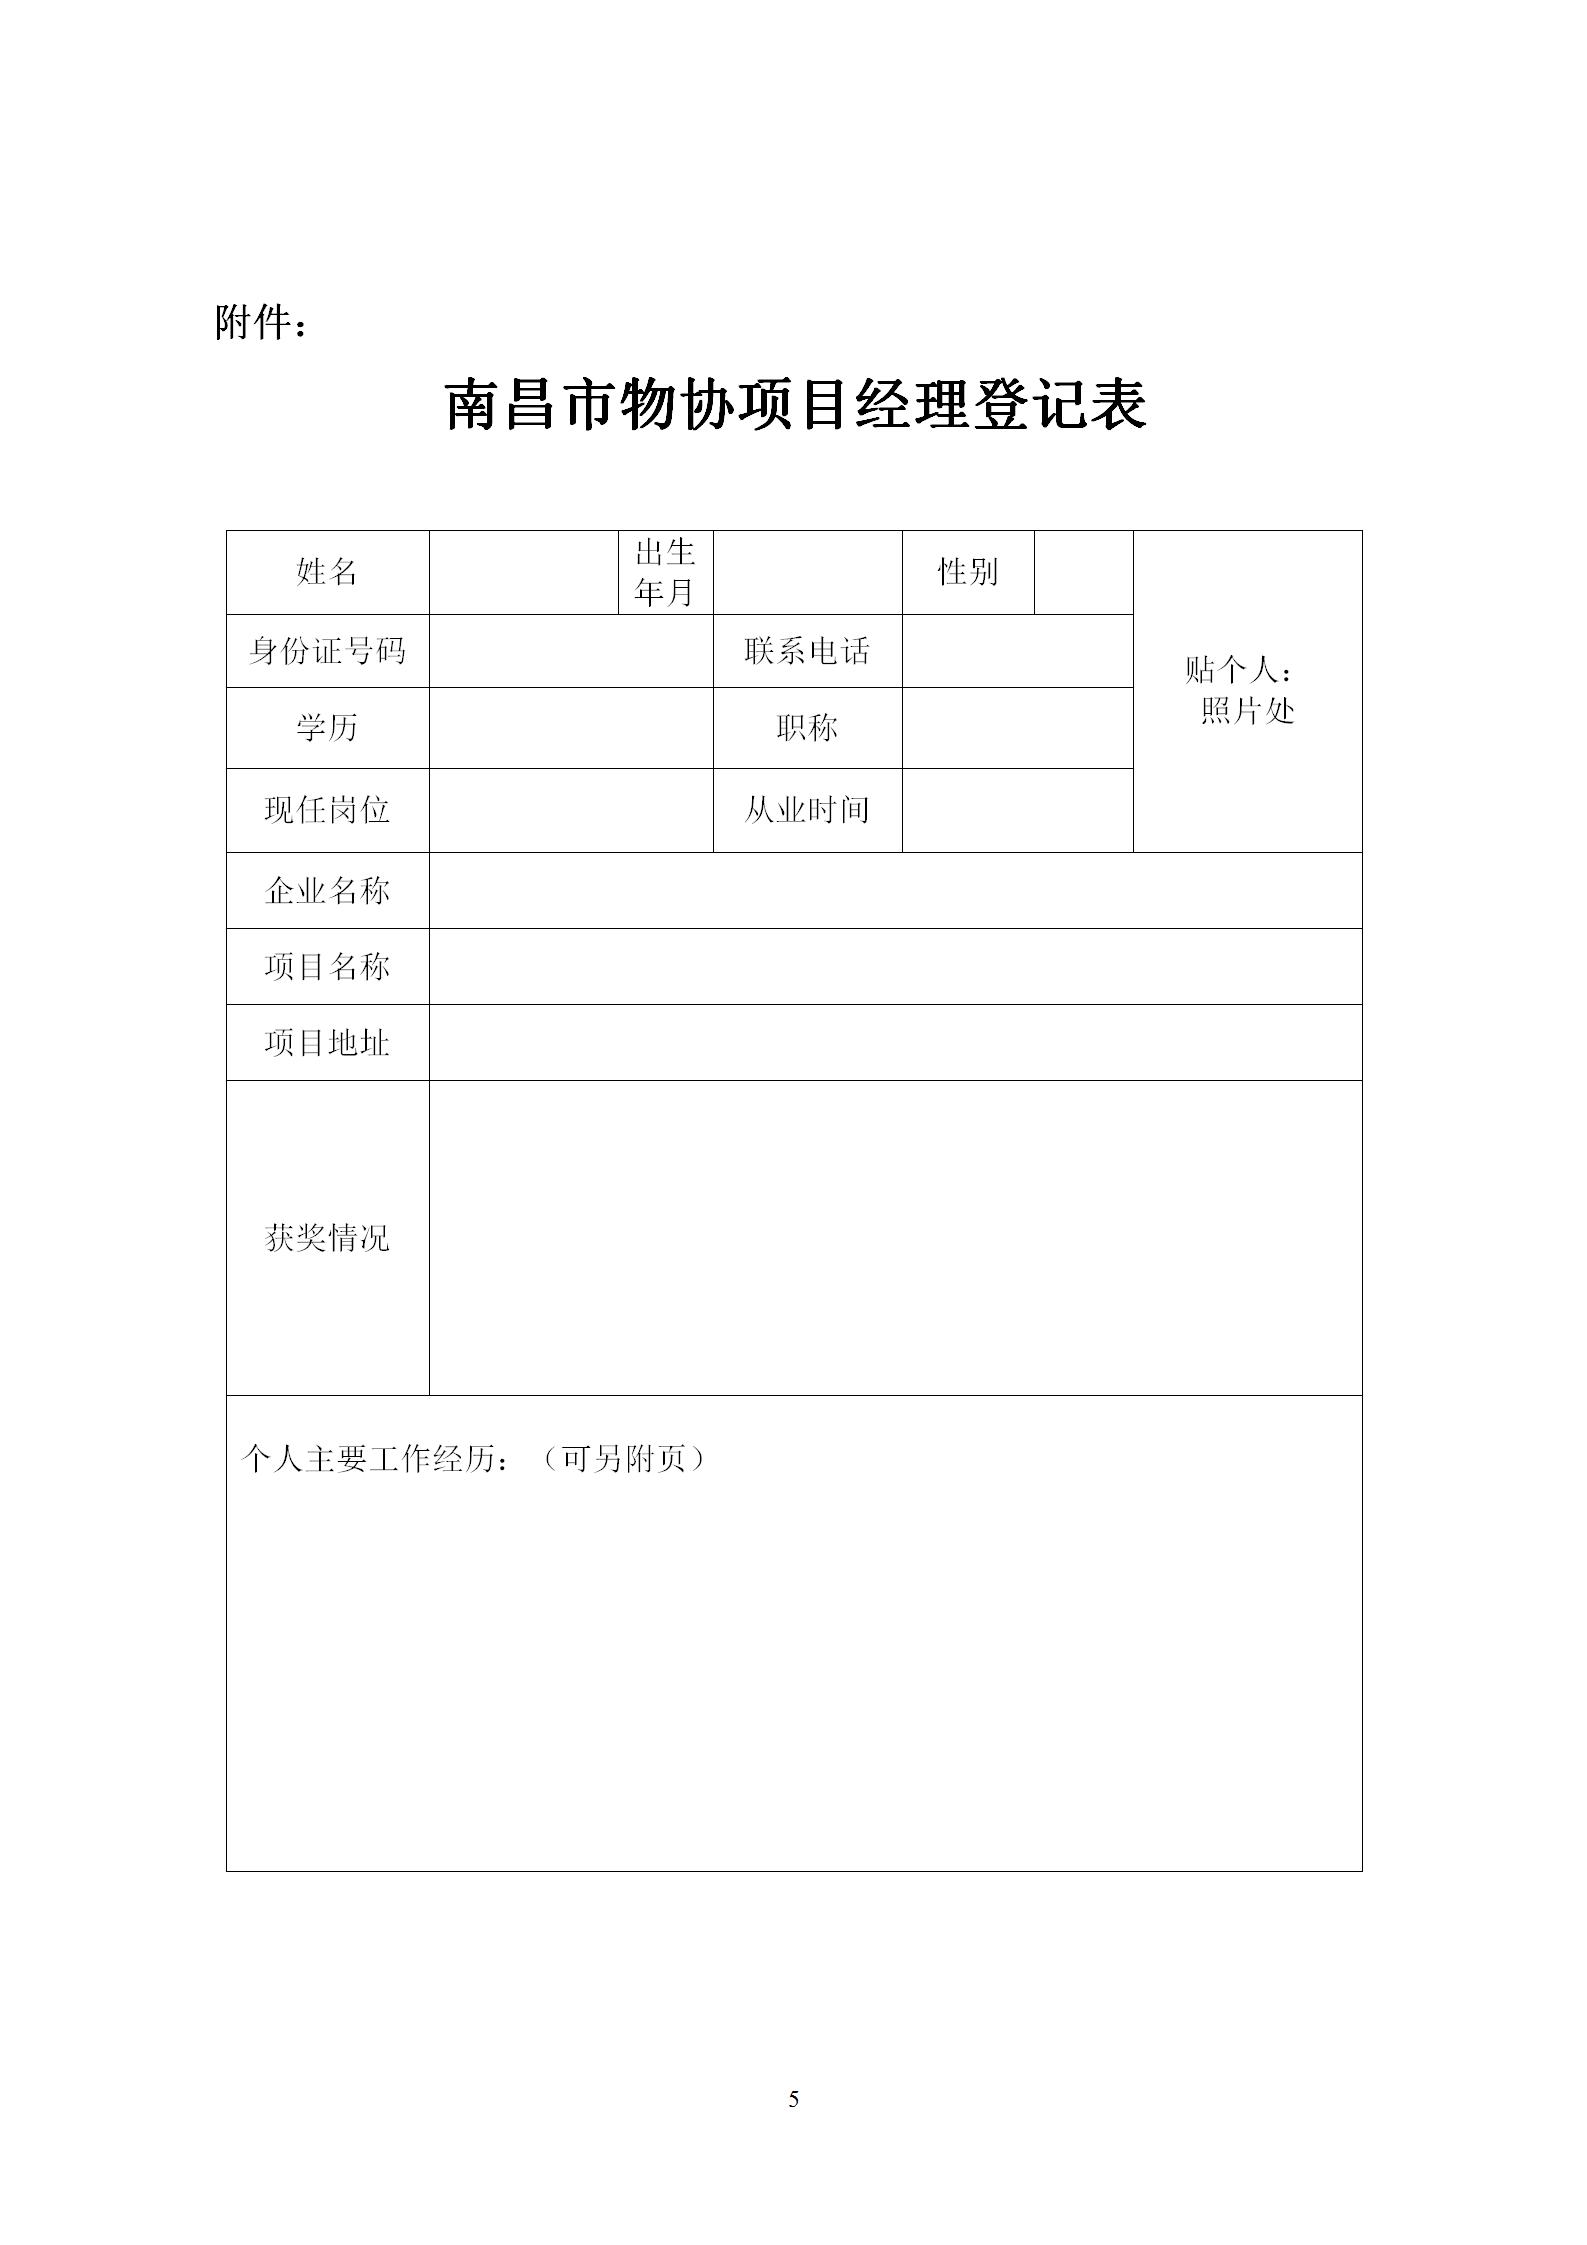 洪物协字[2020]10号 关于举办南昌市物业服务项目经理学习班的通知_05.png